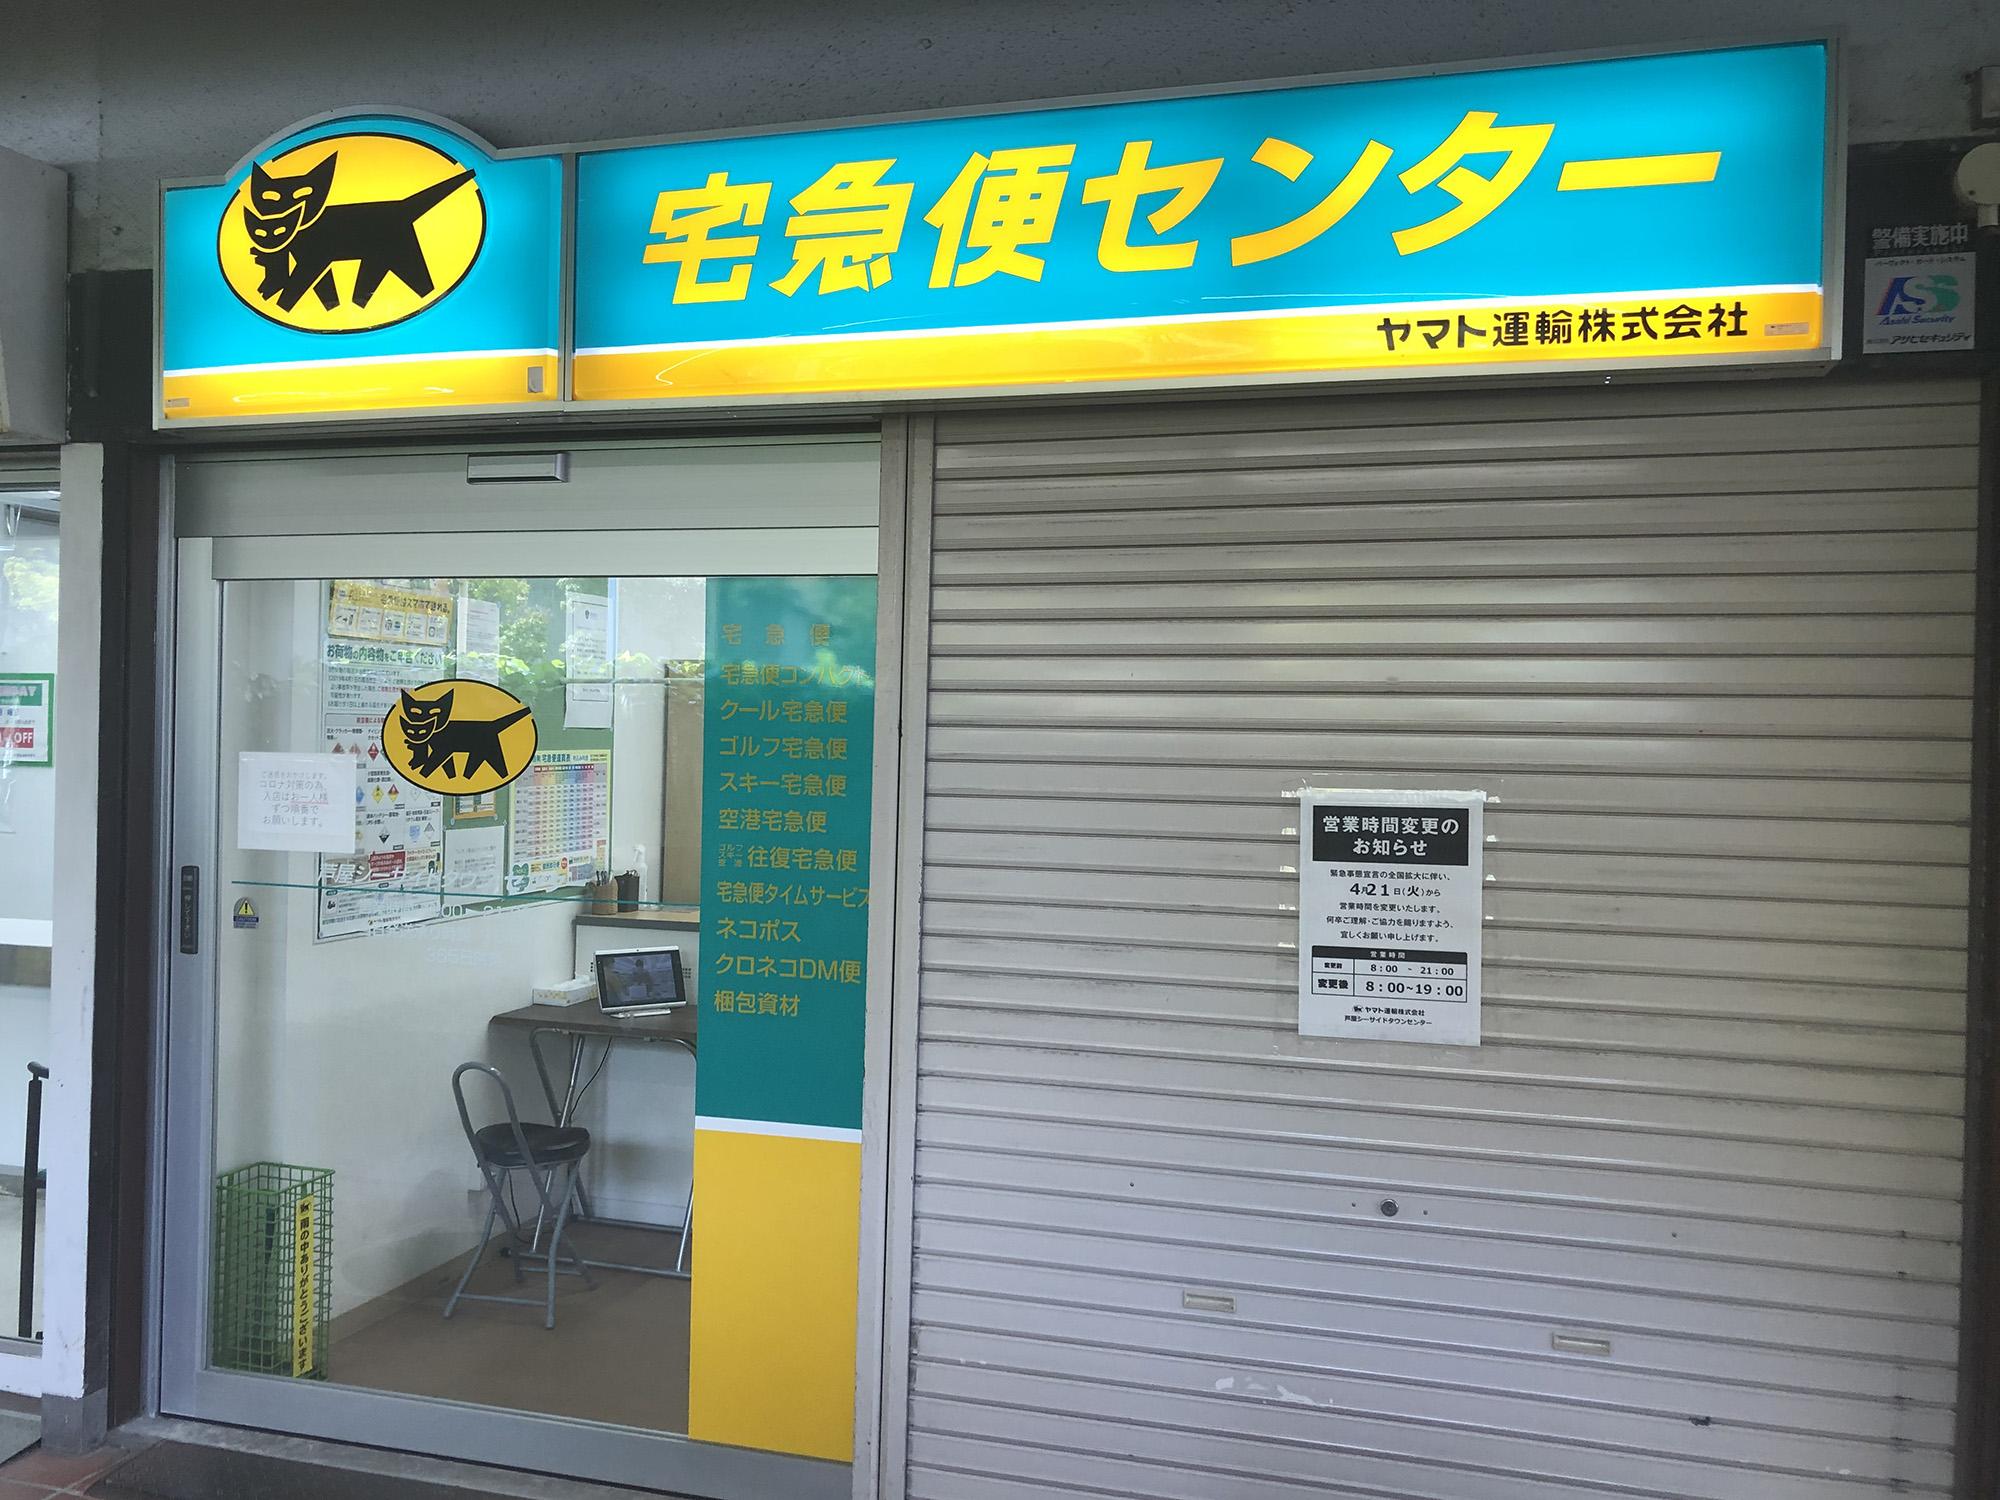 ヤマト運輸 芦屋シーサイドタウンセンター